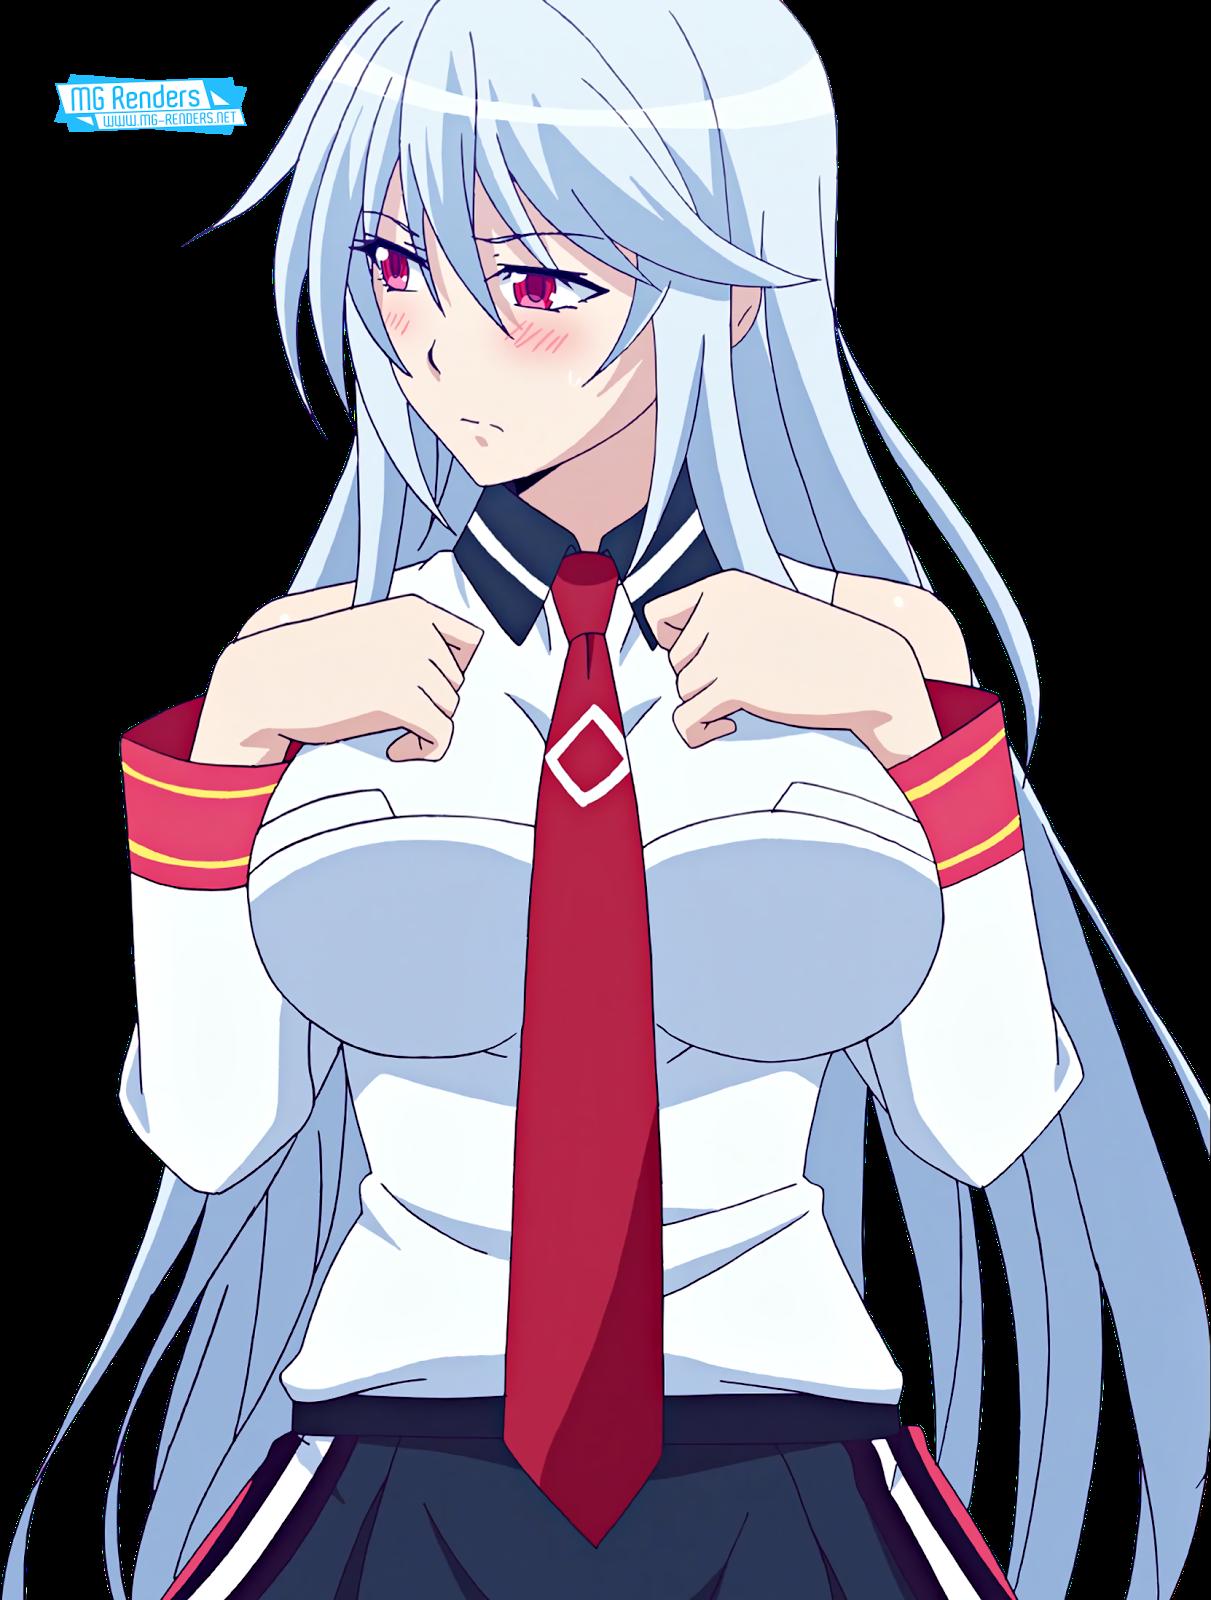 Images Renders Anime Chidorigafuchi Aine Masou Gakuen Hxh Skirt